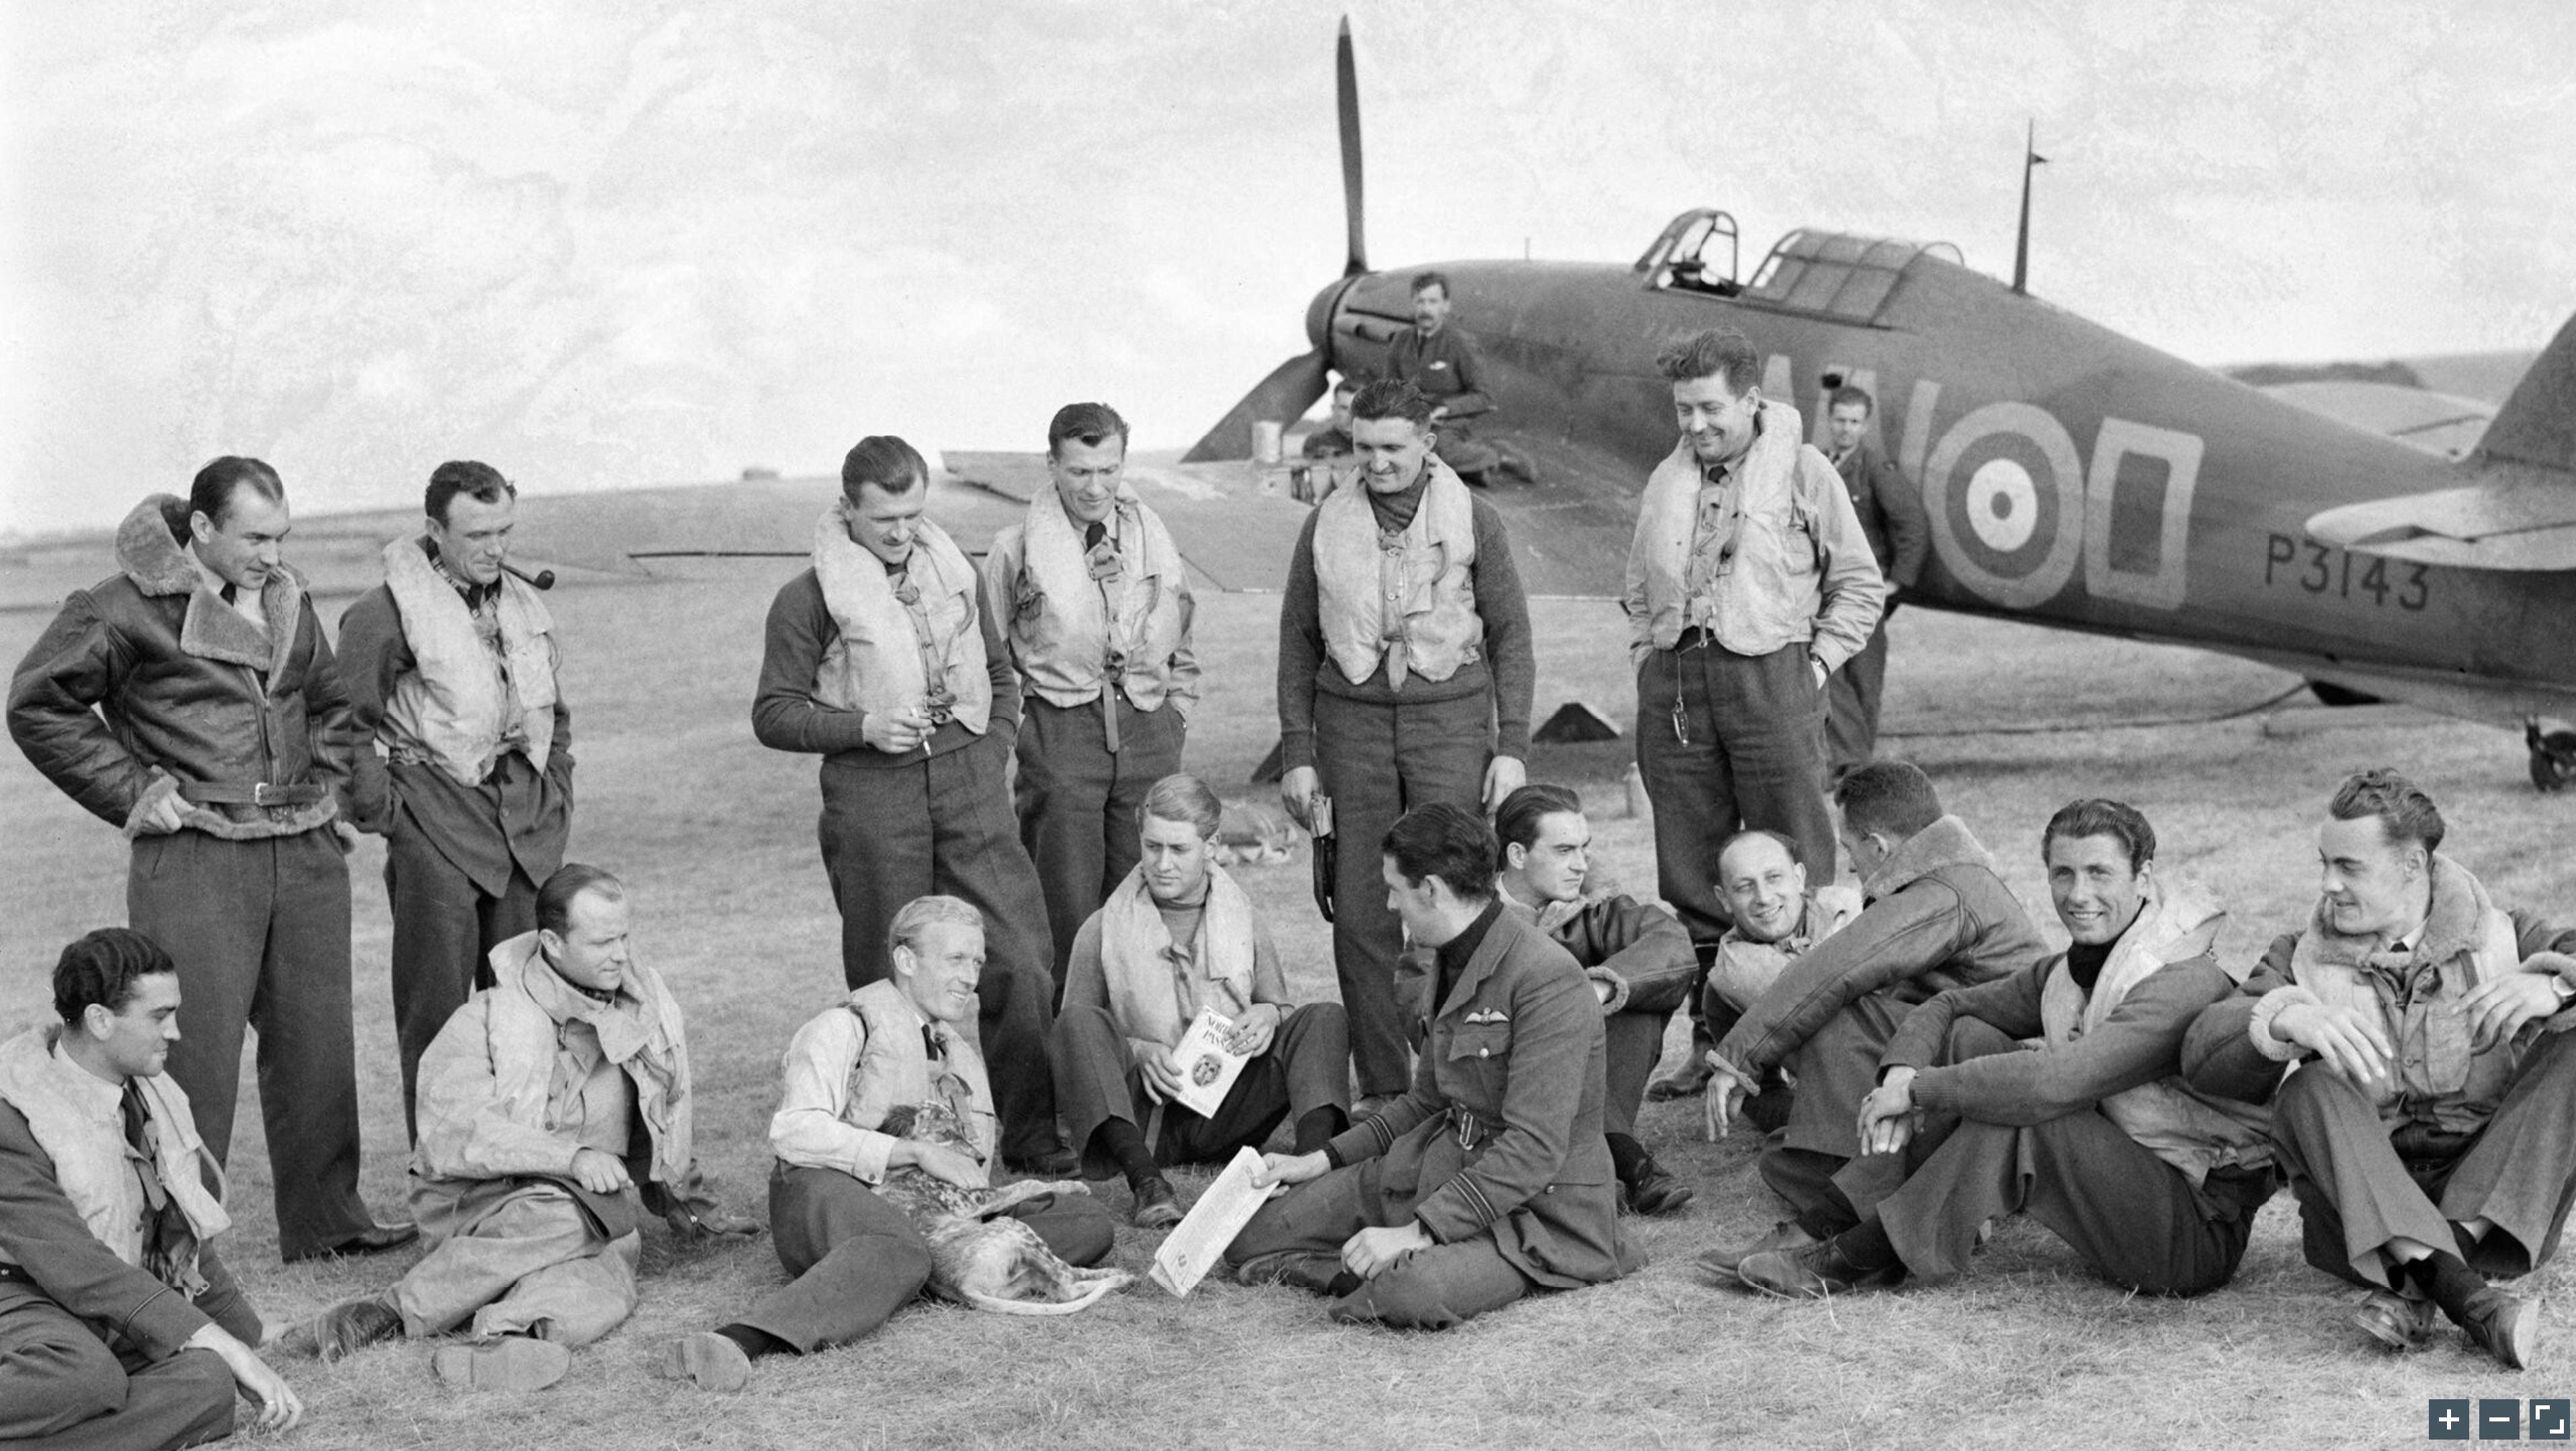 Hawker Hurricane I RAF 310Sqn NND P3143 Duxford England 7 Sep 1940 IWM CH1299a